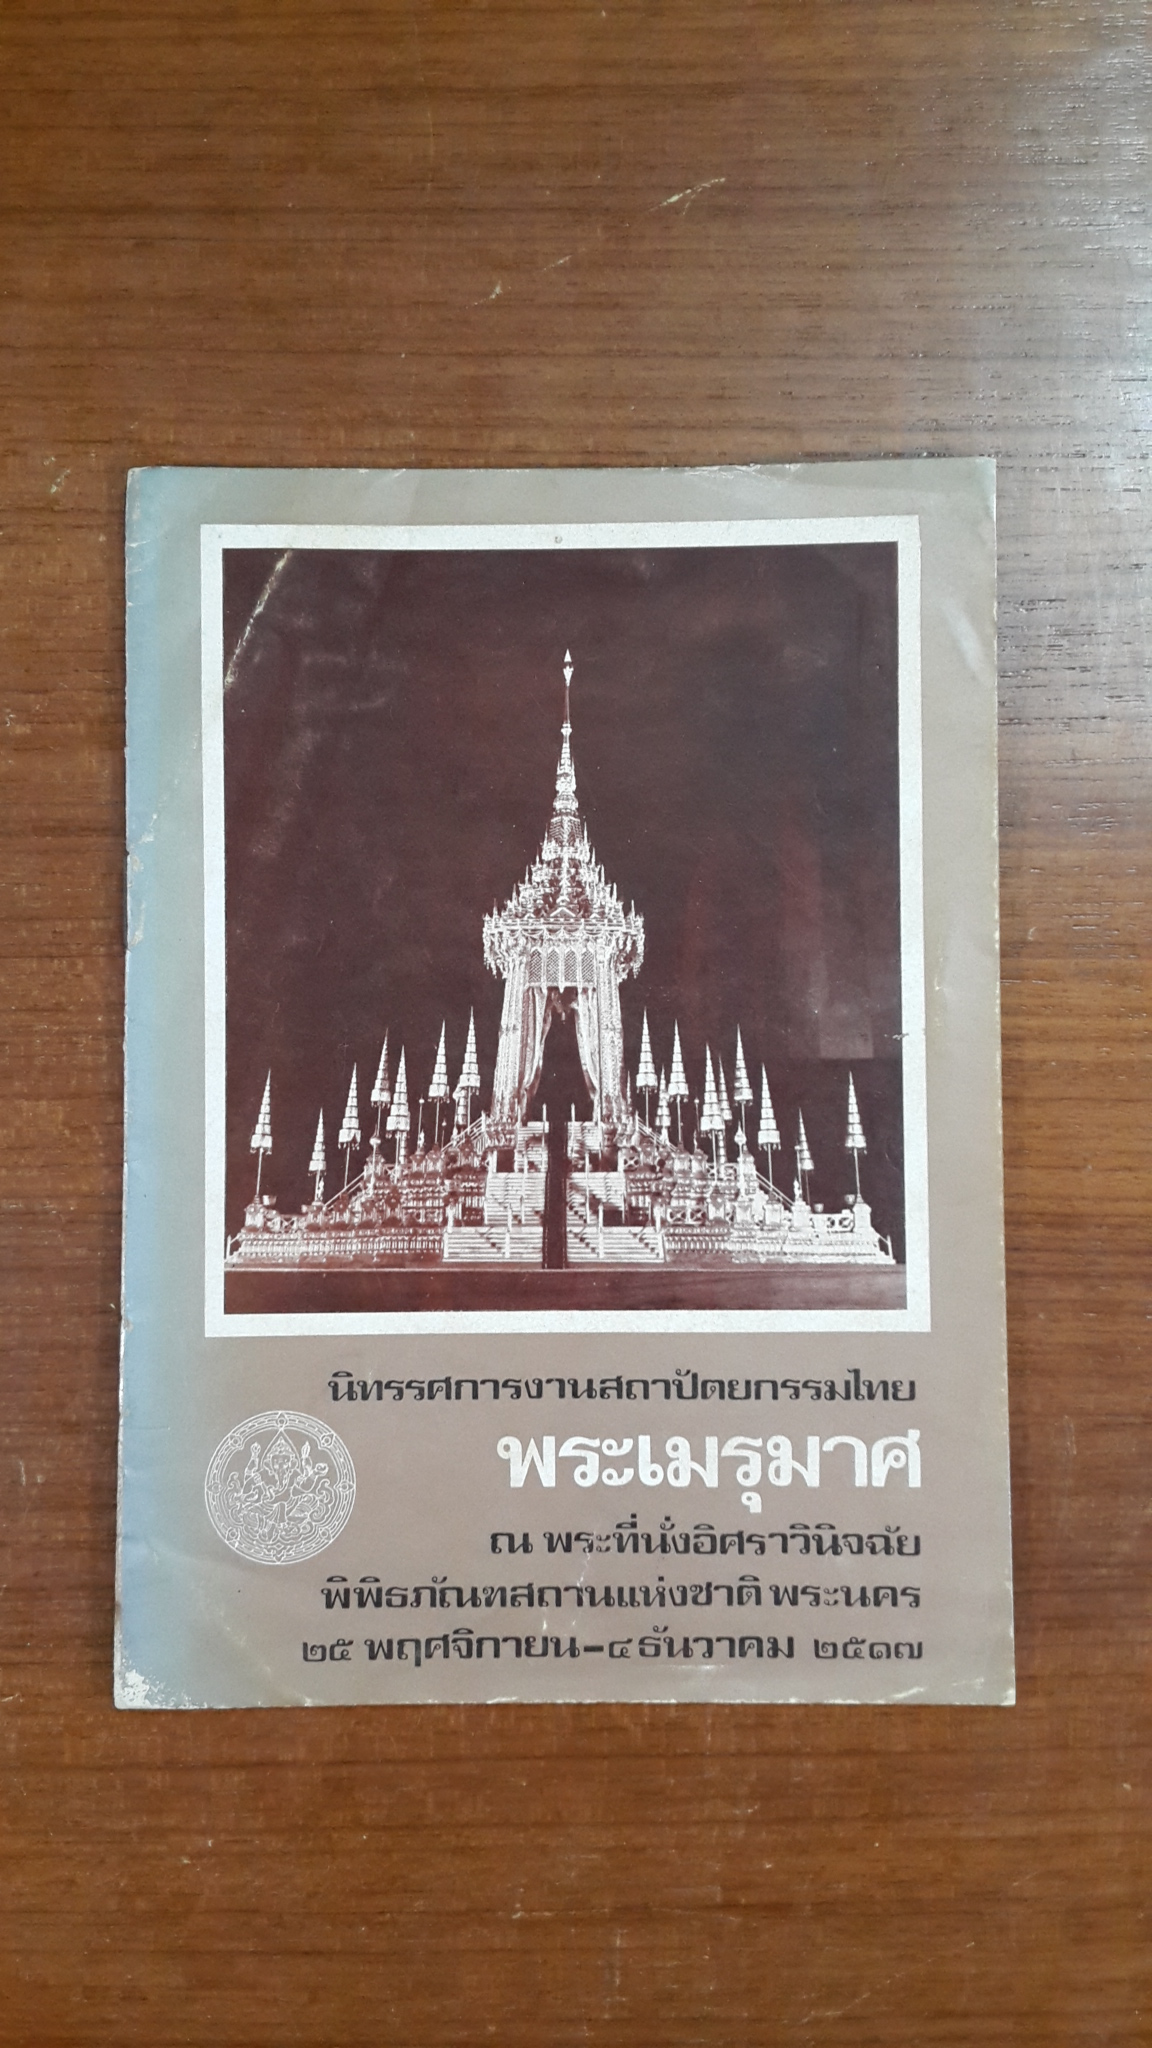 นิทรรศการงานสถาปัตยกรรมไทย พระเมรุมาศ ณ พระที่นั่งอิศราวินิจฉัย 2517